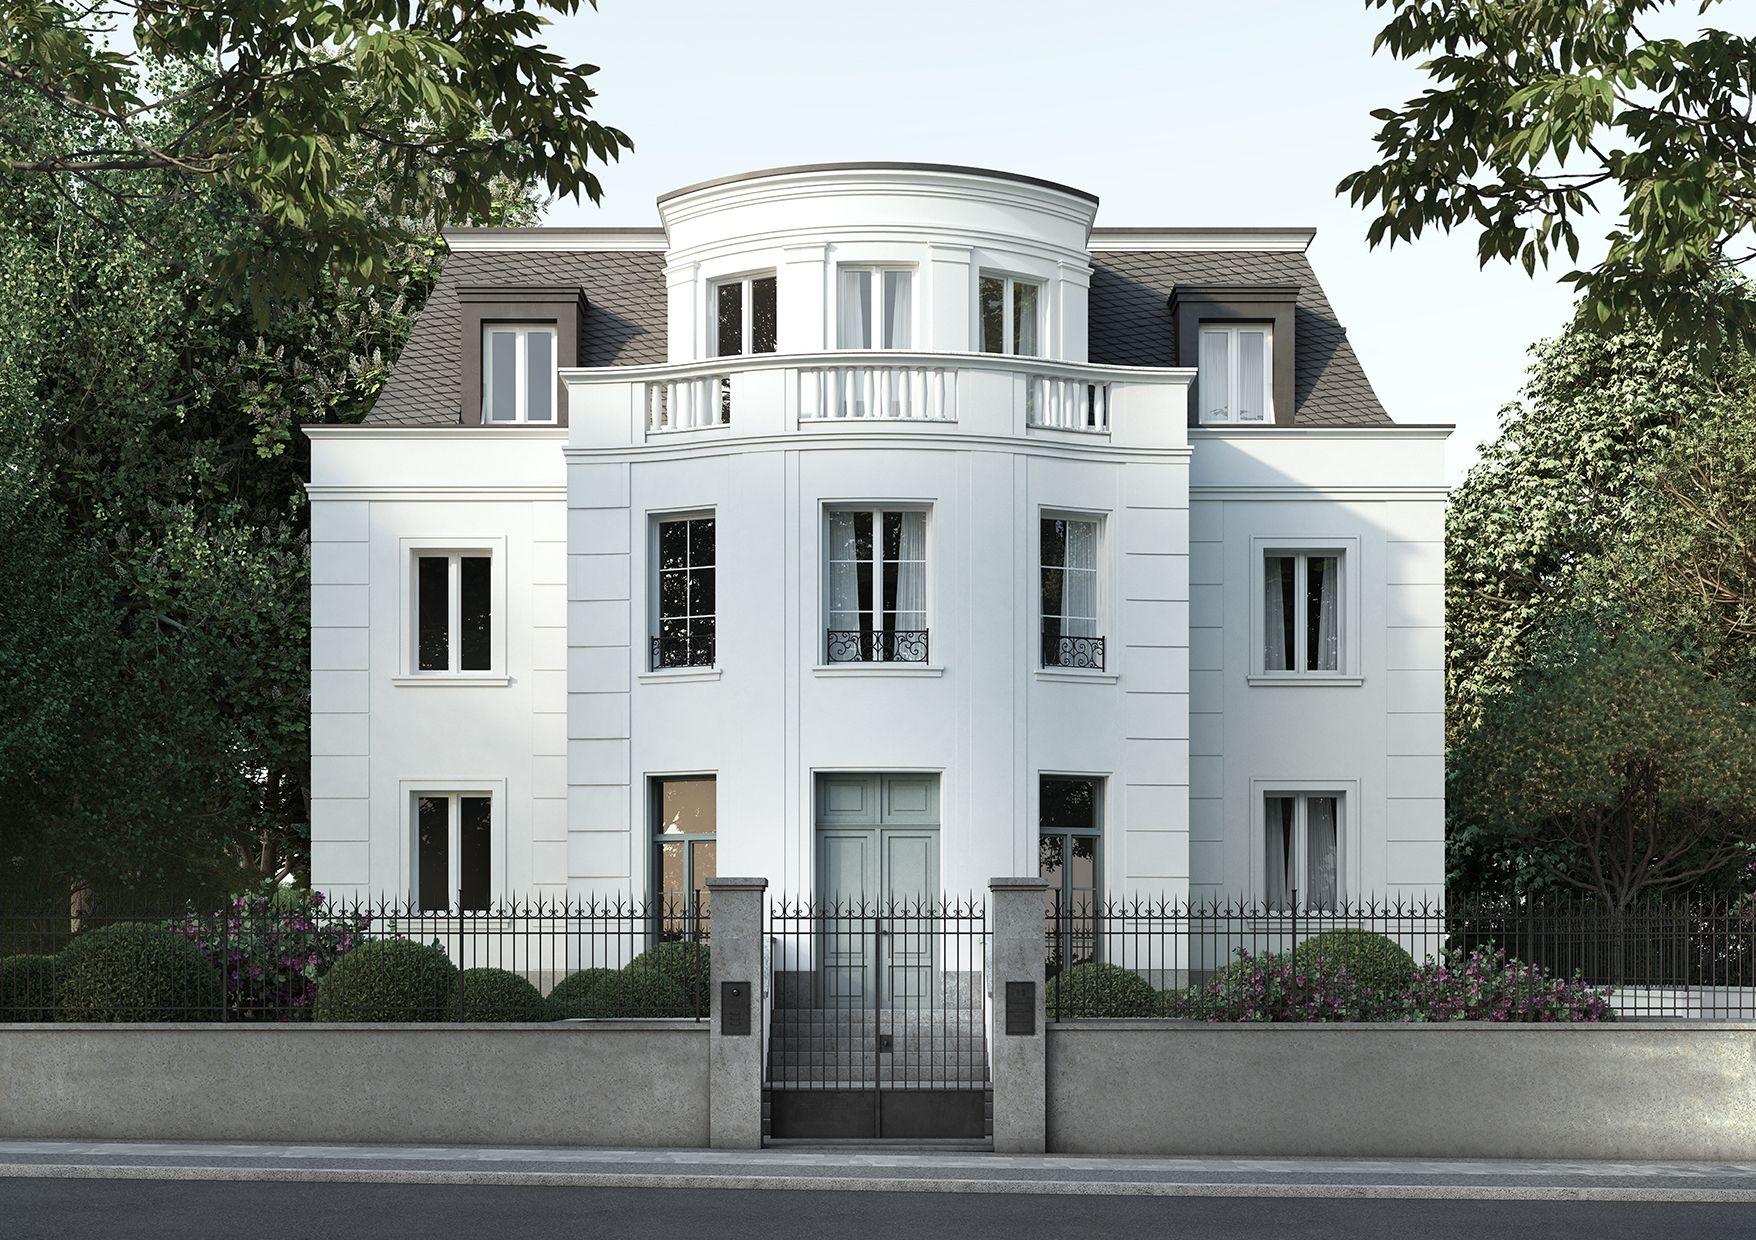 Mehrfamilienhaus mit 3 Wohneinheiten, Berlin Grunewald